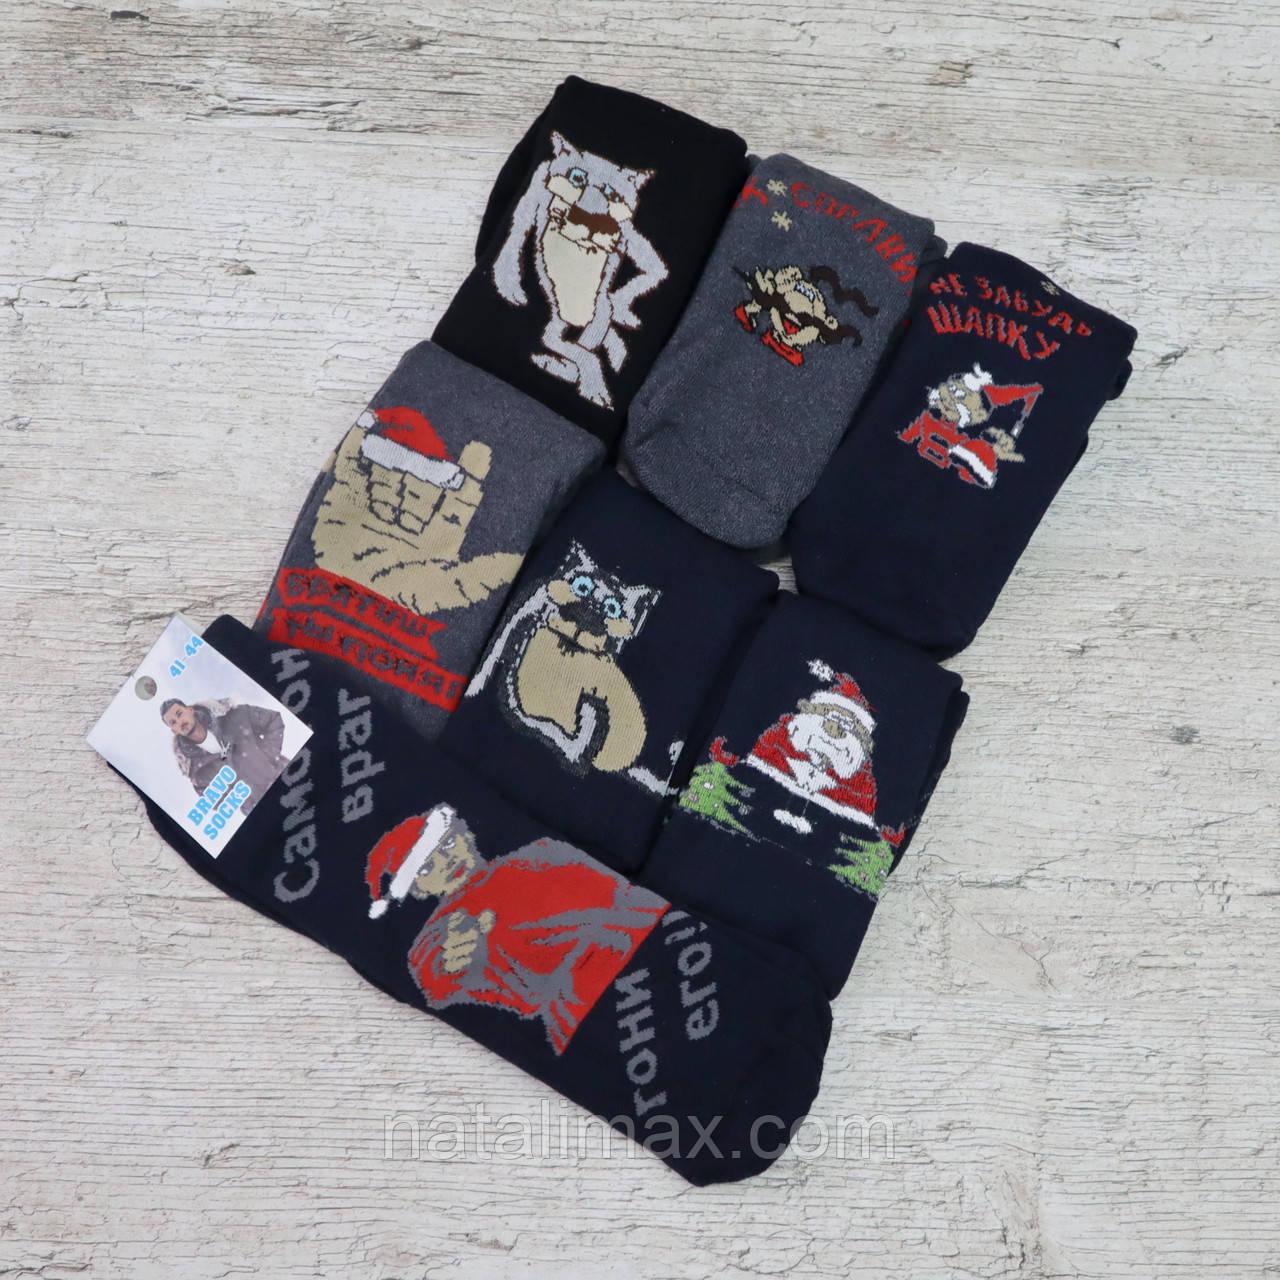 """Носки мужские, МАХРА. 41-44 р-р. """"Bravo Socks"""". Качественные турецкие мужские носки"""